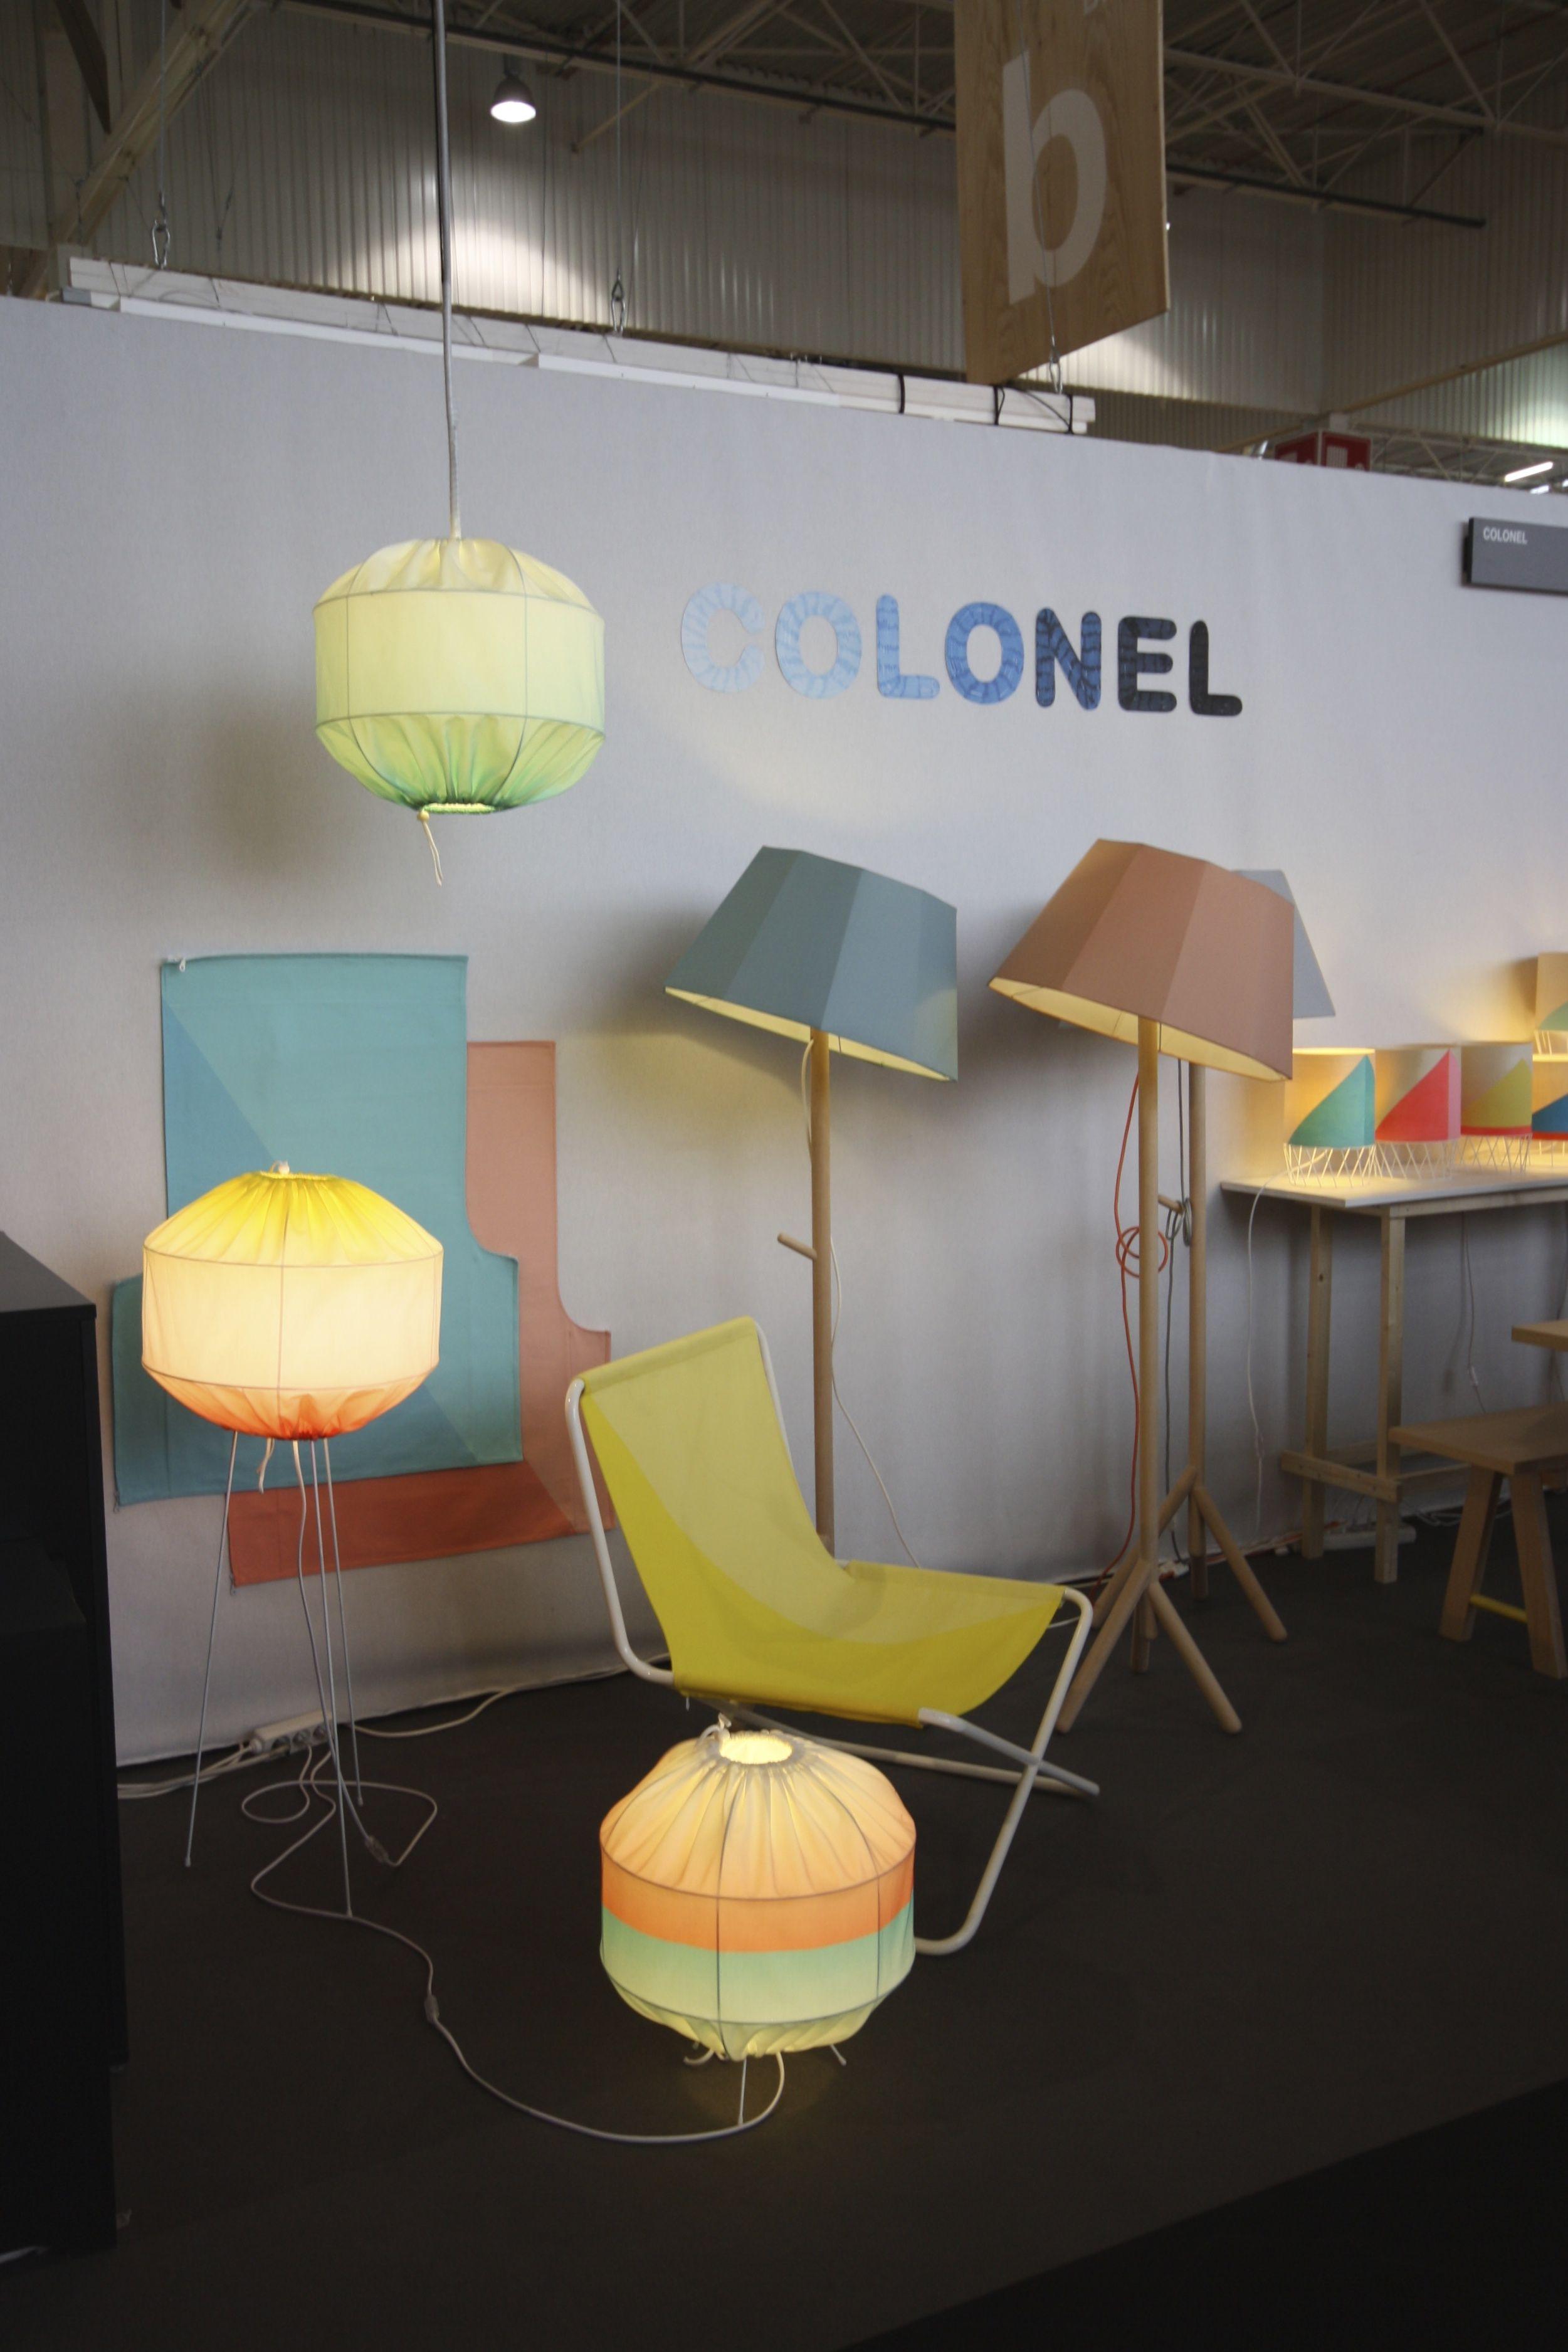 Maison et Objet #interieur inspiratie door N Inspired #interieuradvies en #verkoopstyling http://www.interieuradvies-online.nl/interieuradvies-gelderland/verkoopstyling-aalten-n-inspired.html